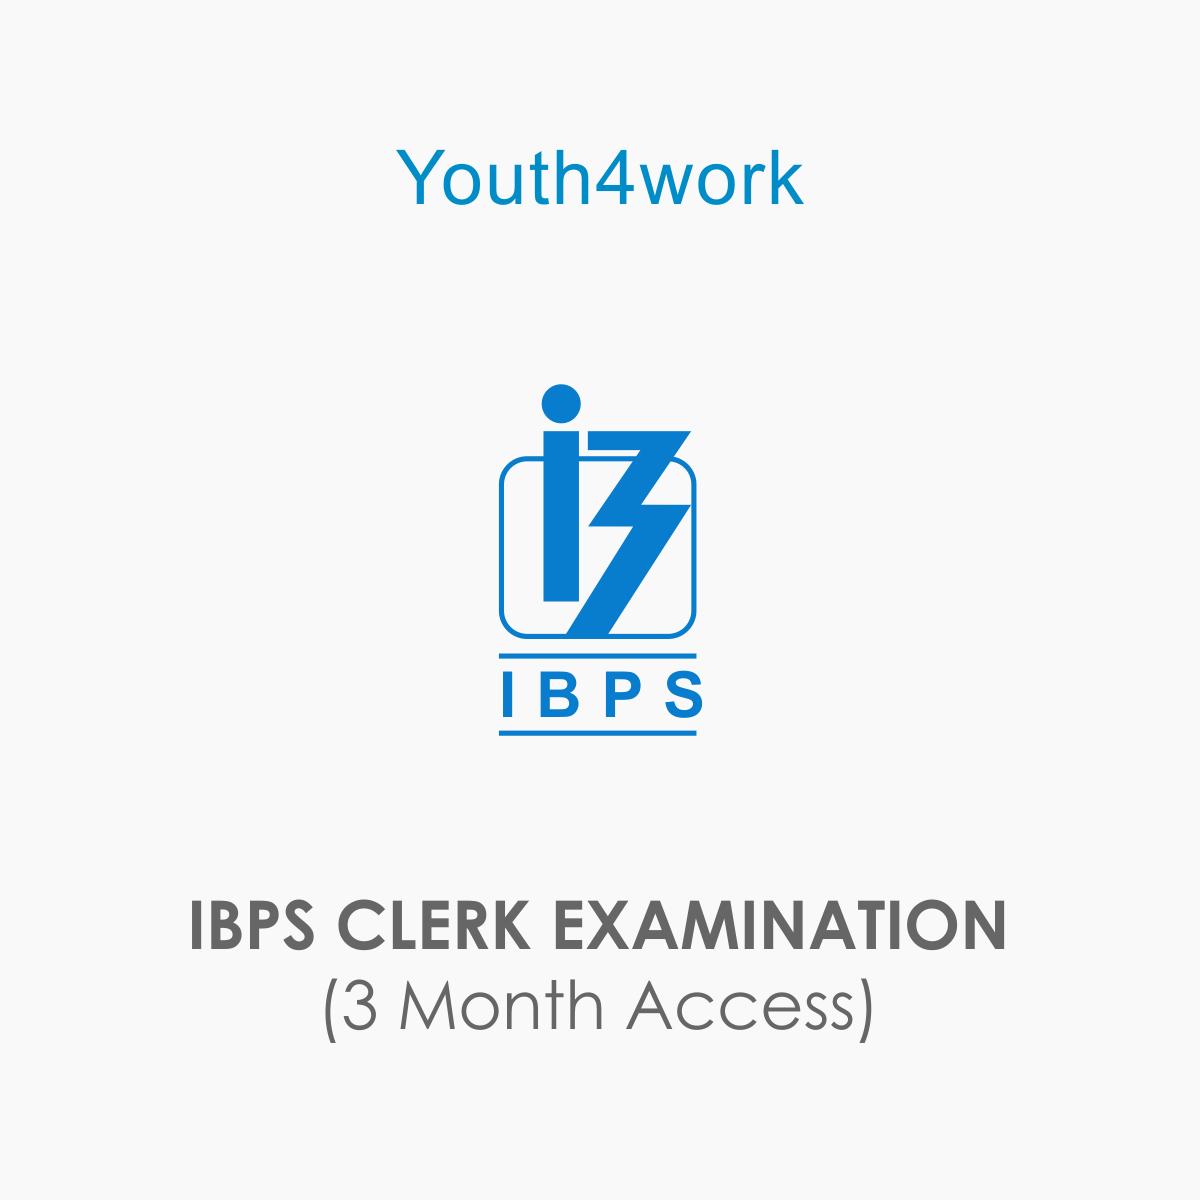 IBPS CLERK EXAMINATION